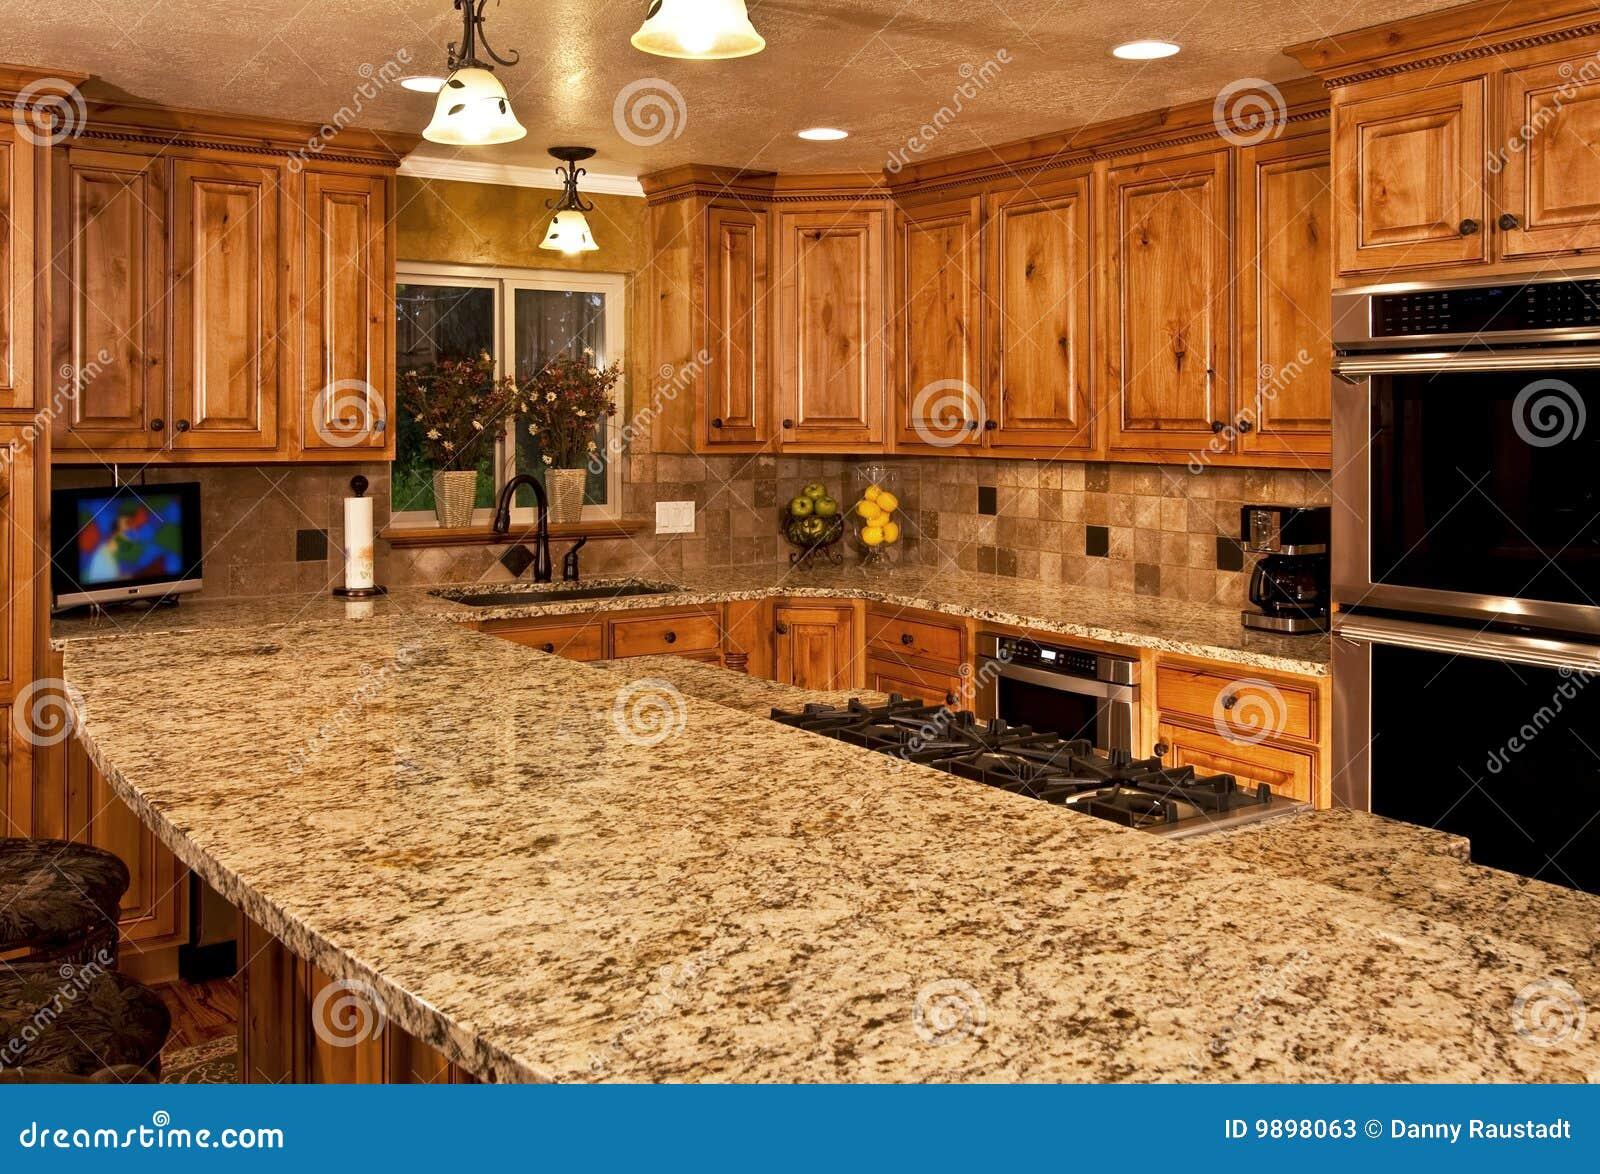 Cozinha Nova Com Console Center Fotos de Stock Imagem: 9898063 #B15110 1300 971